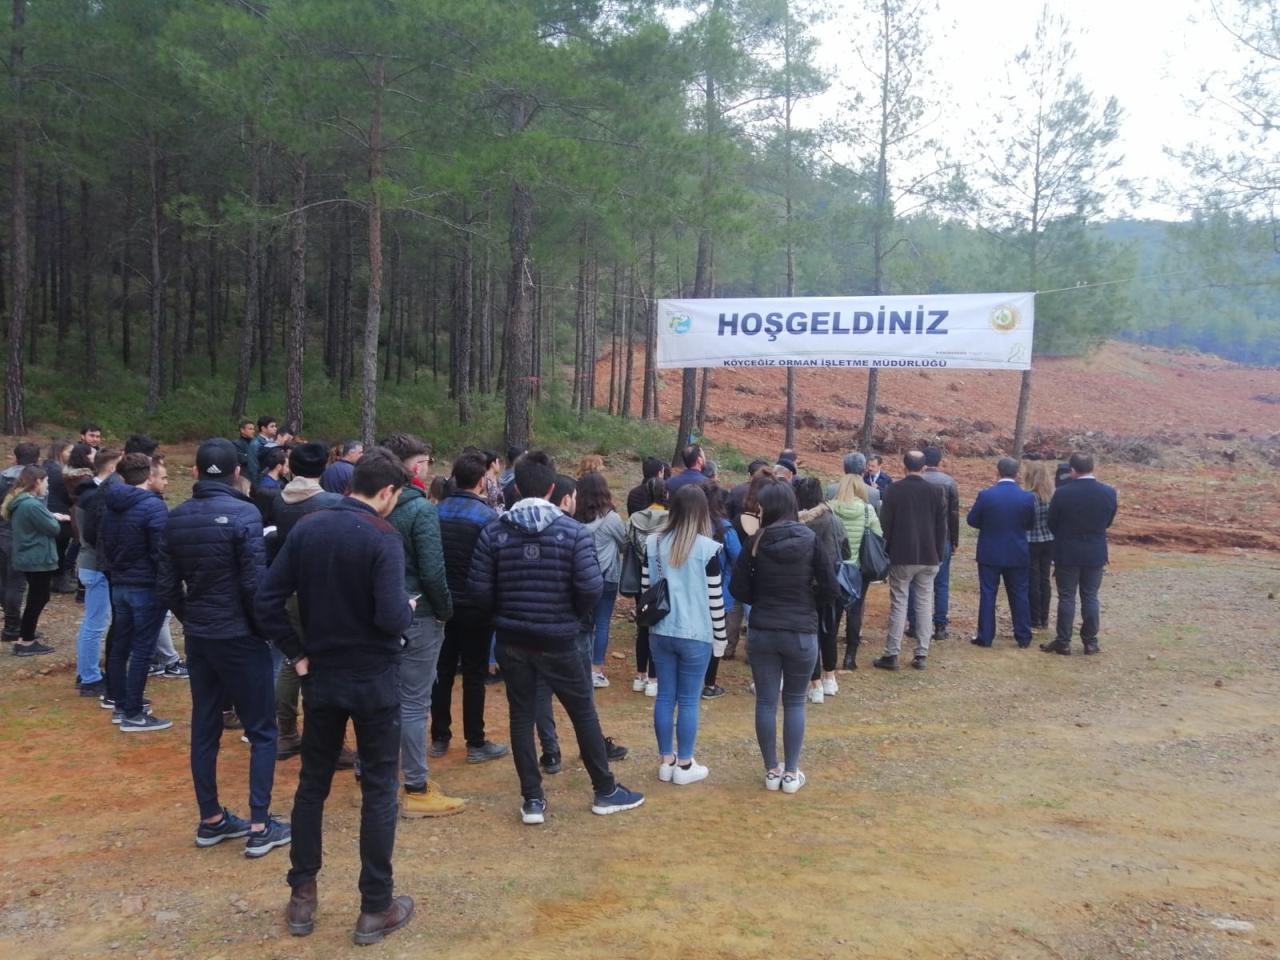 Üniversitemiz Rektörü Köyceğiz'de Ağaçlandırma Etkinliğine Katıldı